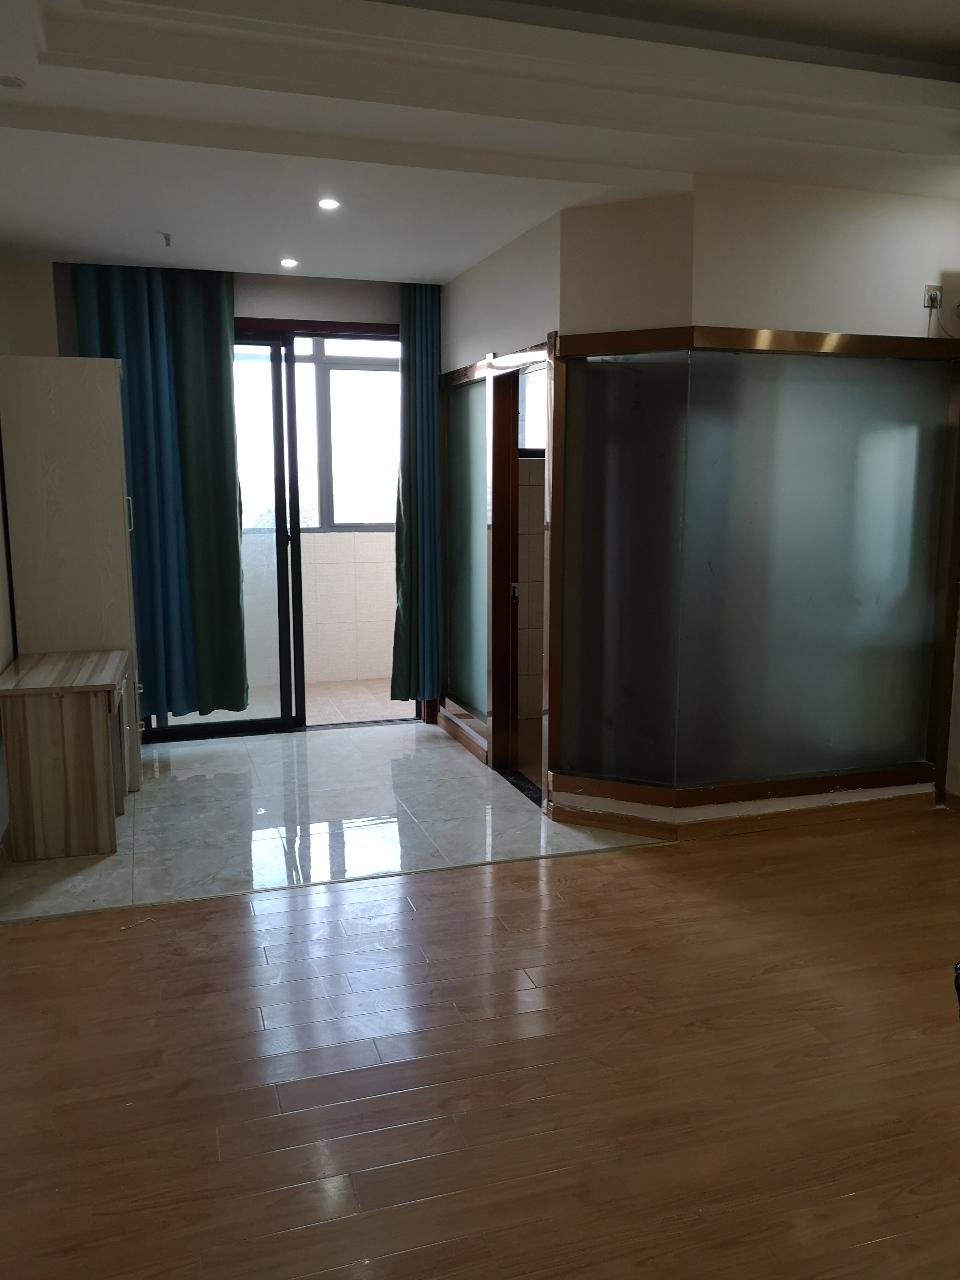 精装公寓一手房源!辉隆大市场1室1厅1卫30万元